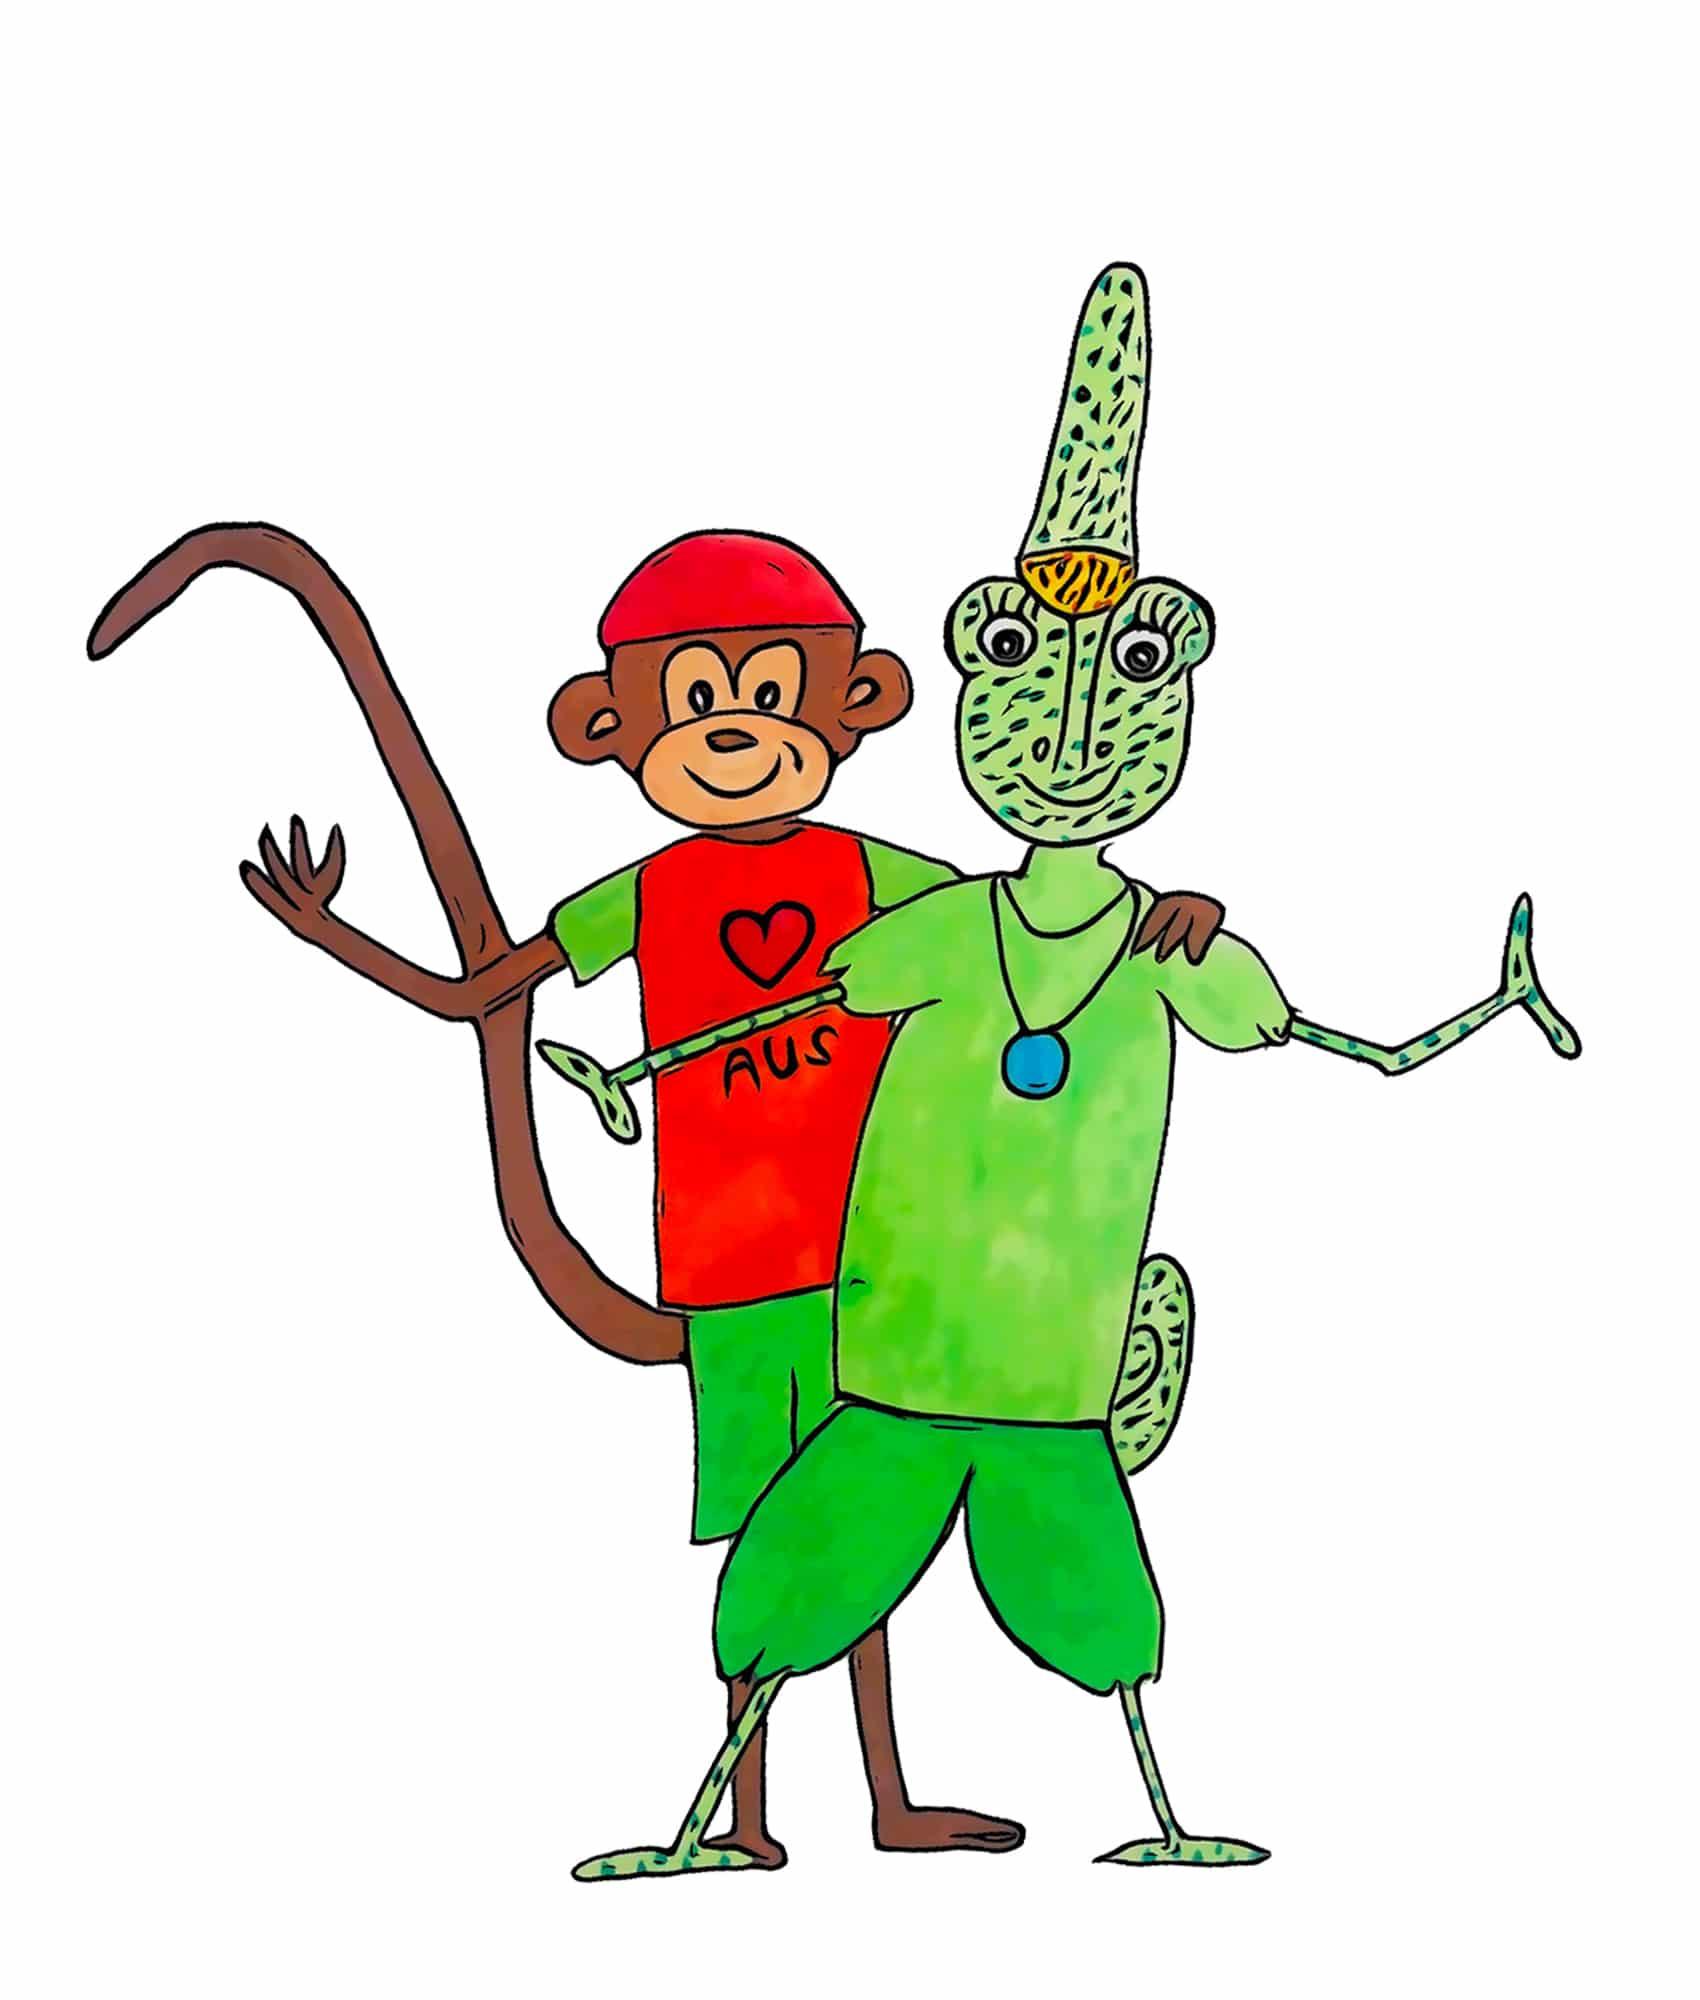 Dessin de Léone la caméléone et de Turlututu le singe des livres pour enfants et jeunesse Chasseurs de pierres